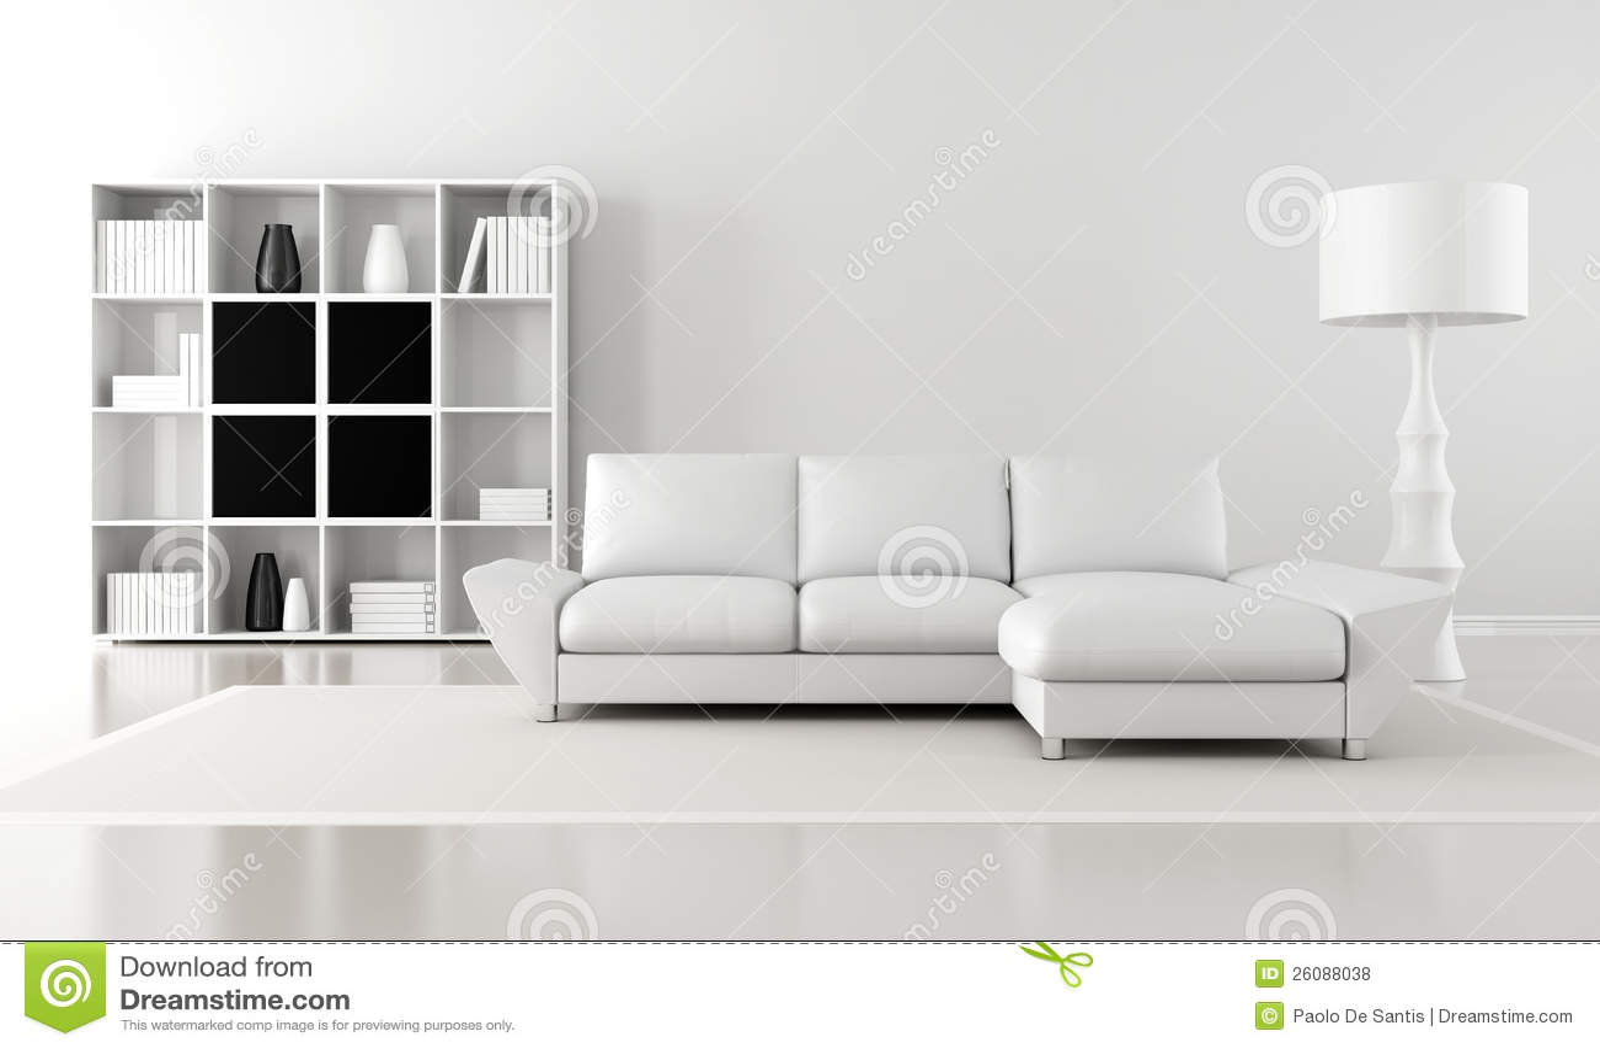 Minimalist Lounge Royalty Free Stock Photos Image 26088038